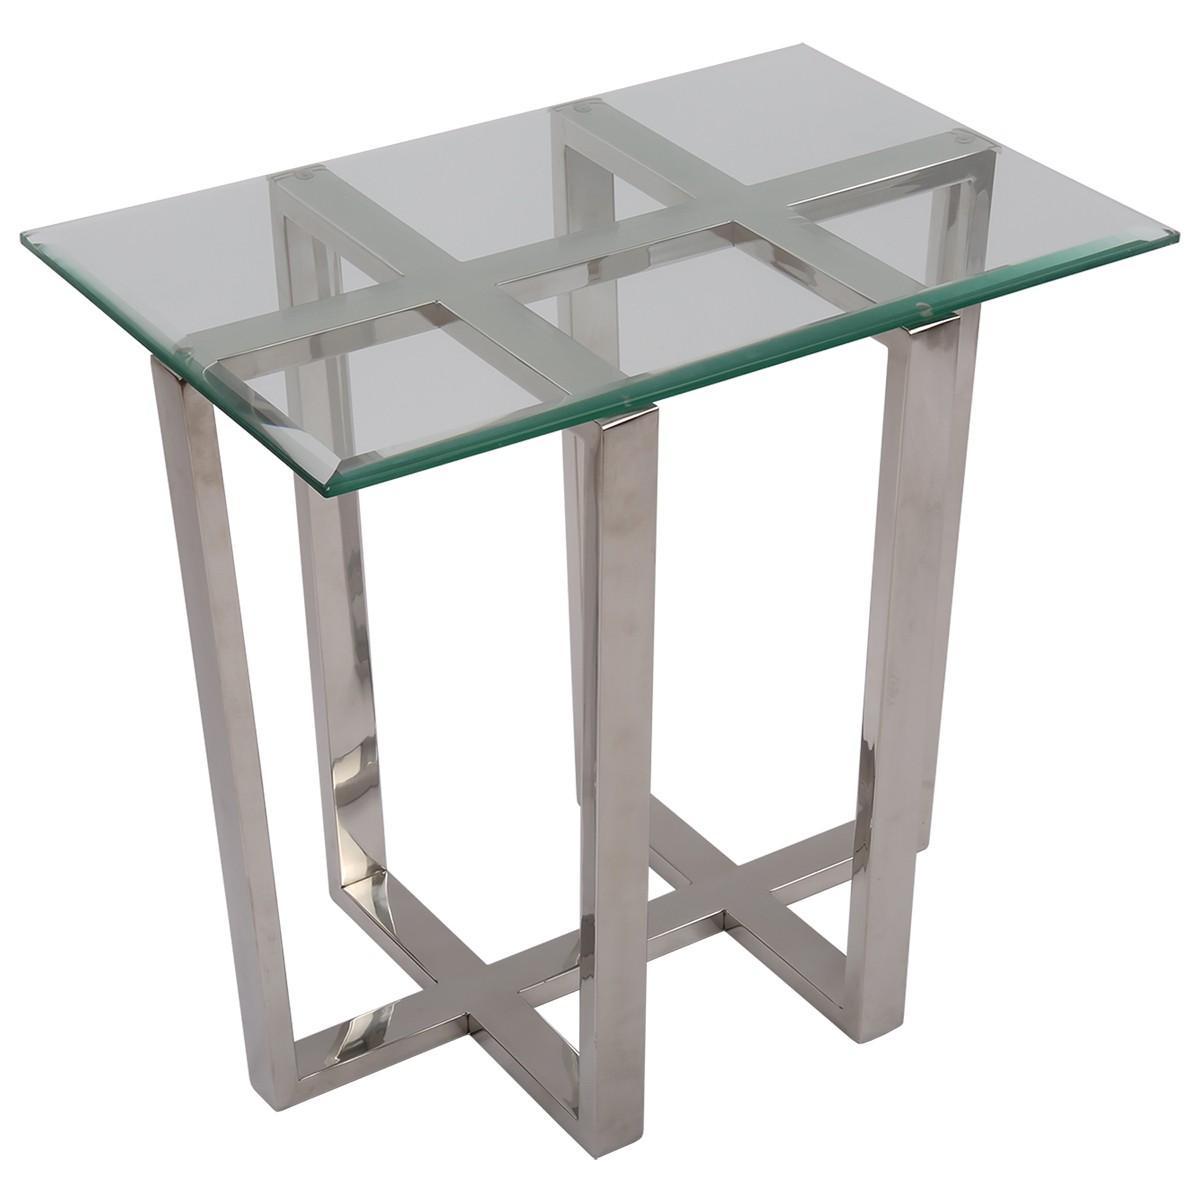 beistelltisch rechteckig glas metall wandtisch glas. Black Bedroom Furniture Sets. Home Design Ideas